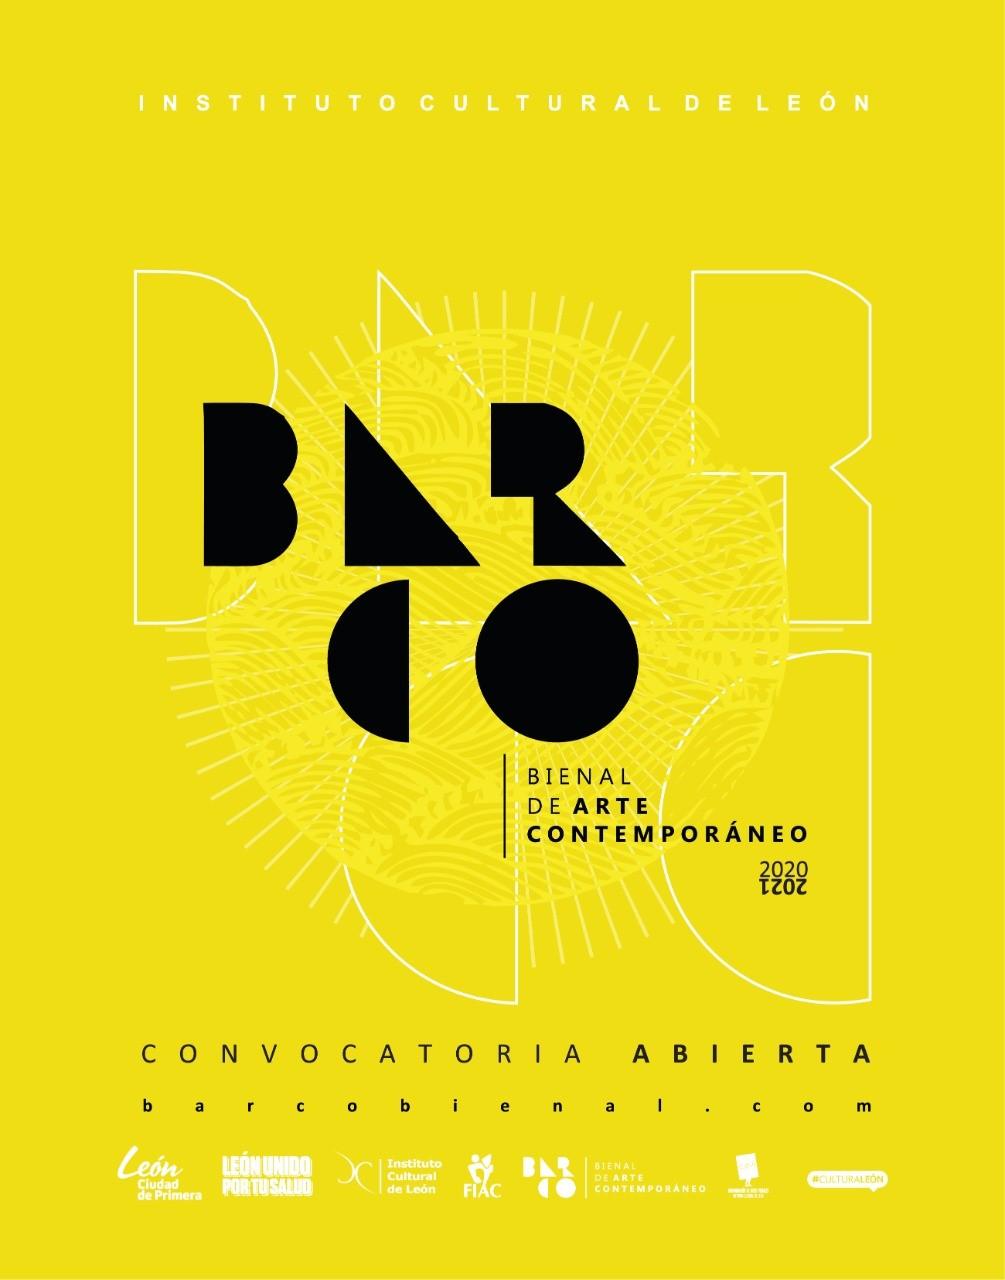 ICL presenta BARCO, la Bienal de Arte Contémporaneo - Cultura en los estados